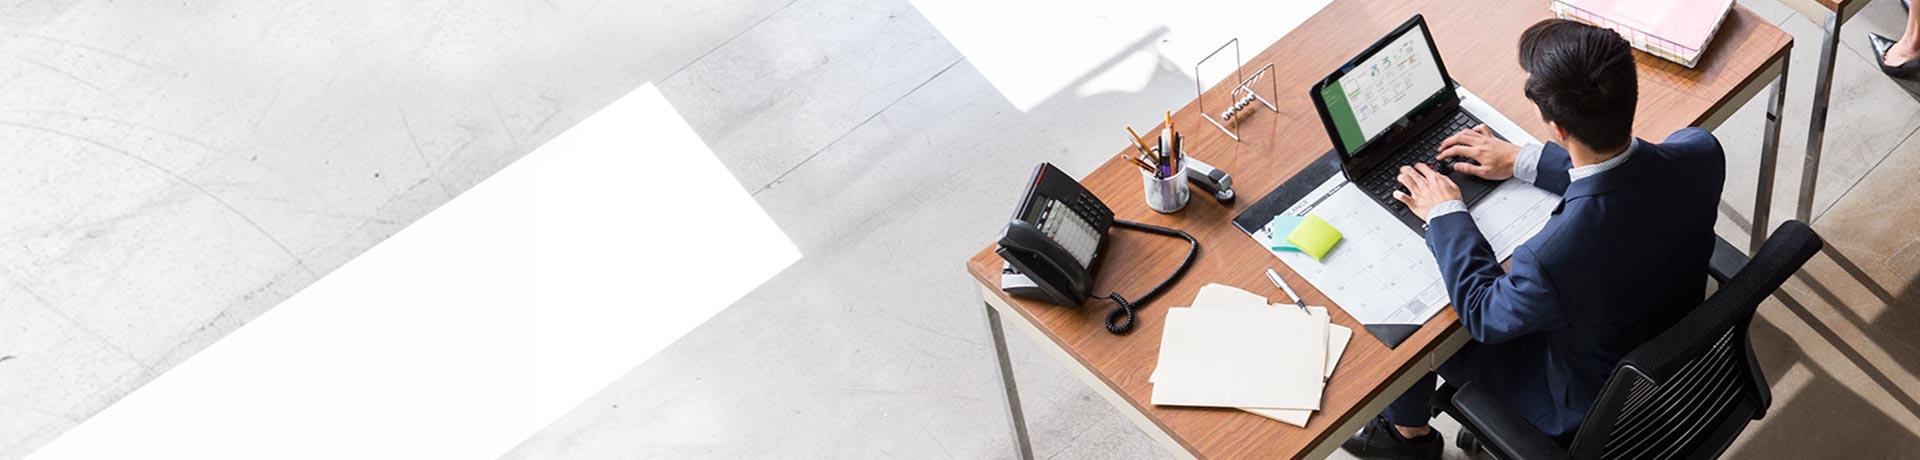 ผู้ชายกำลังนั่งอยู่ที่โต๊ะในสำนักงาน กำลังทำงานบนไฟล์ Microsoft Project บนแล็ปท็อป